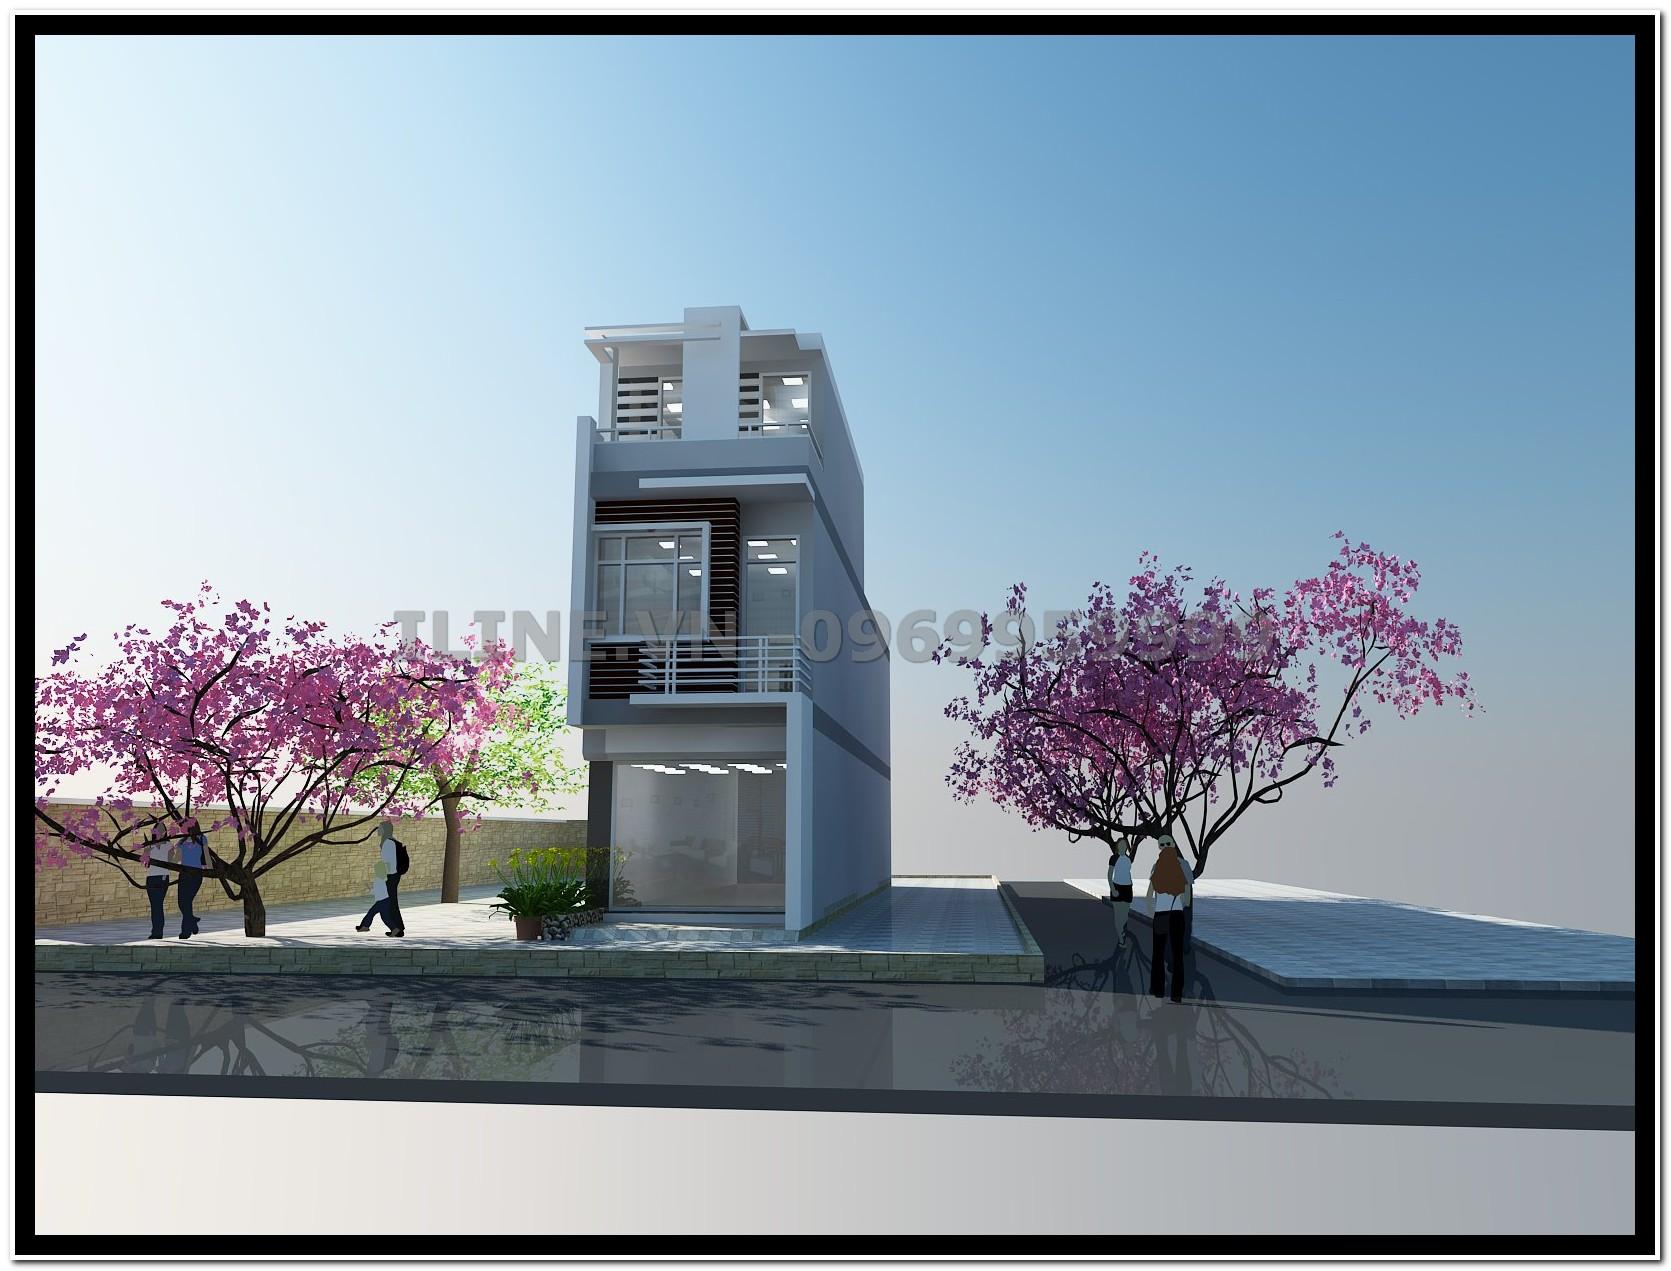 Nhà phố Anh Sơn xây dựng theo phong cách hiện đại!